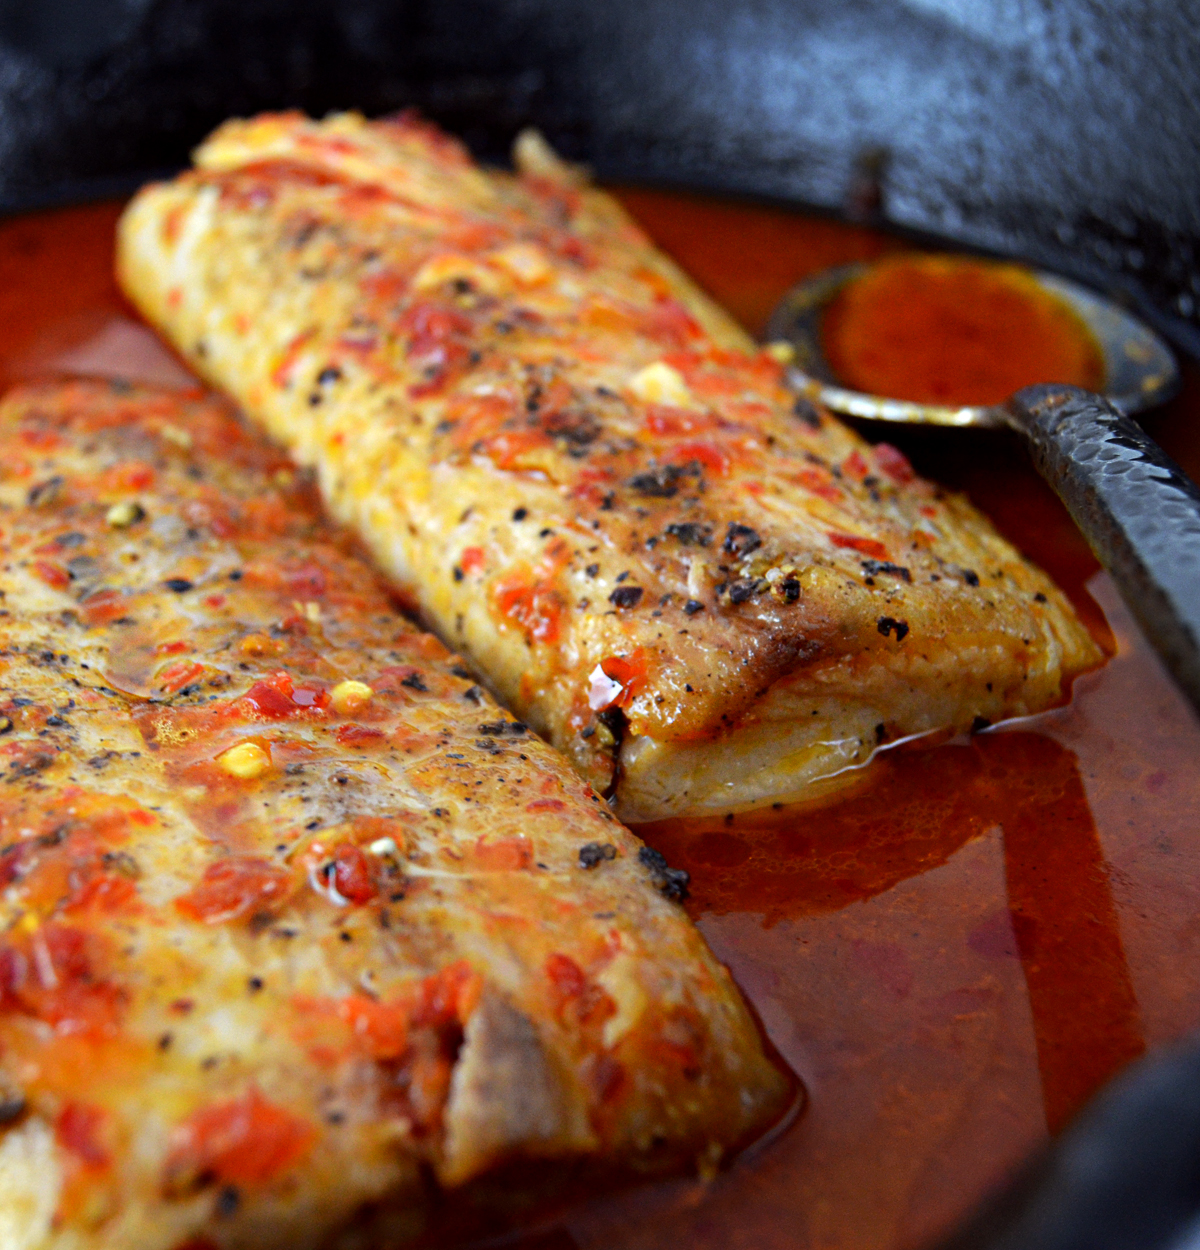 Mahi mahi in atomic chili garlic sauce astro eater for How to cook mahi mahi fish